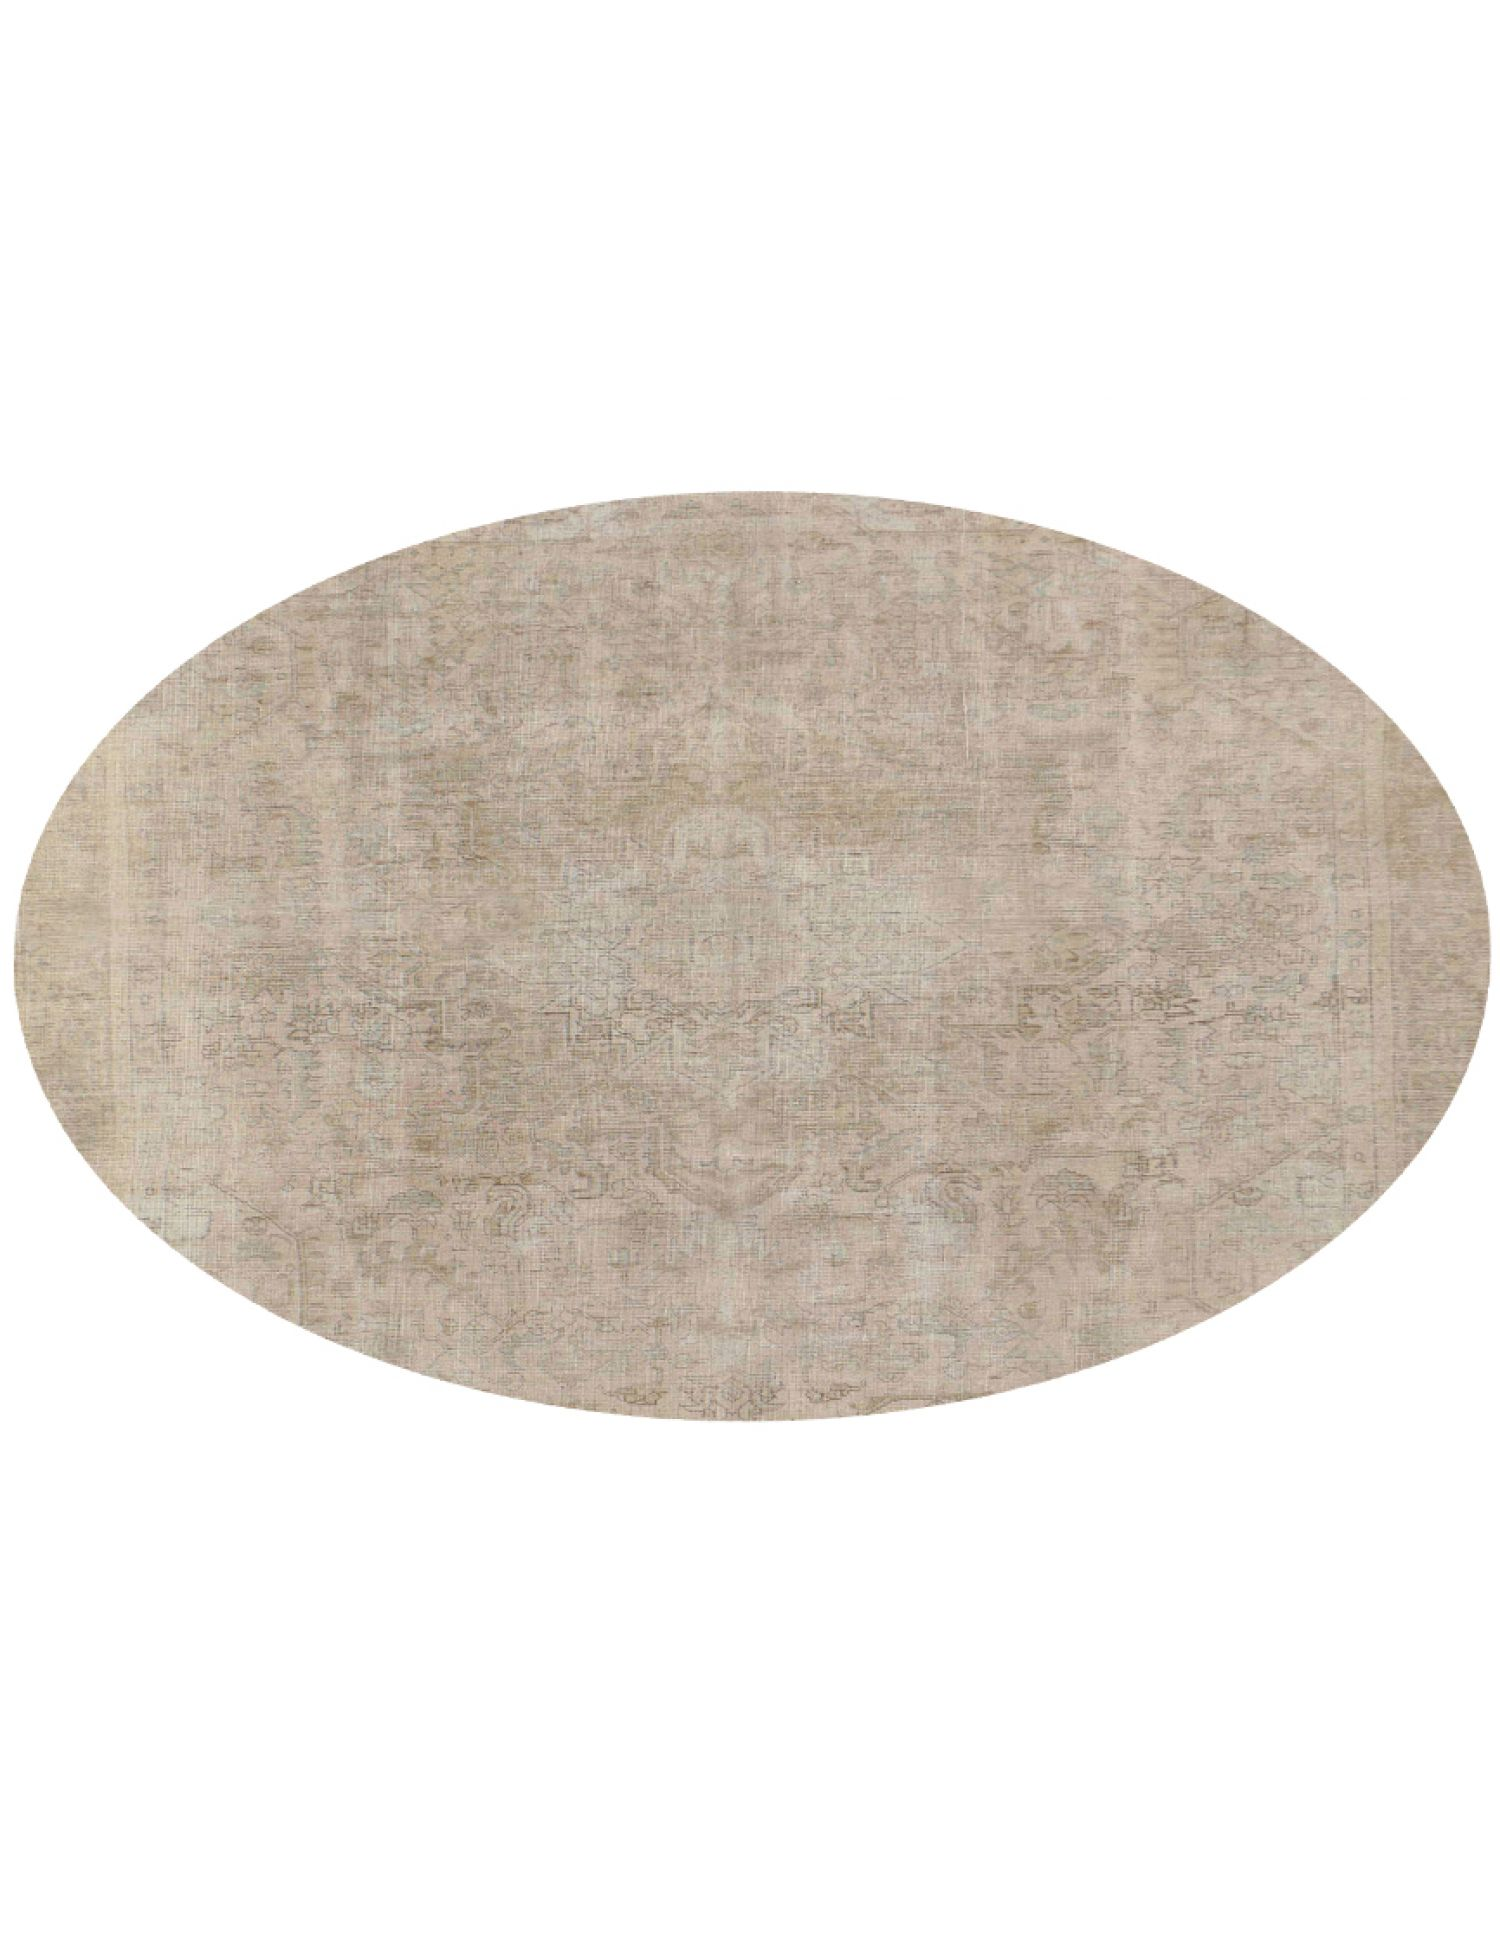 Tappeto Vintage  beige <br/>280 x 280 cm